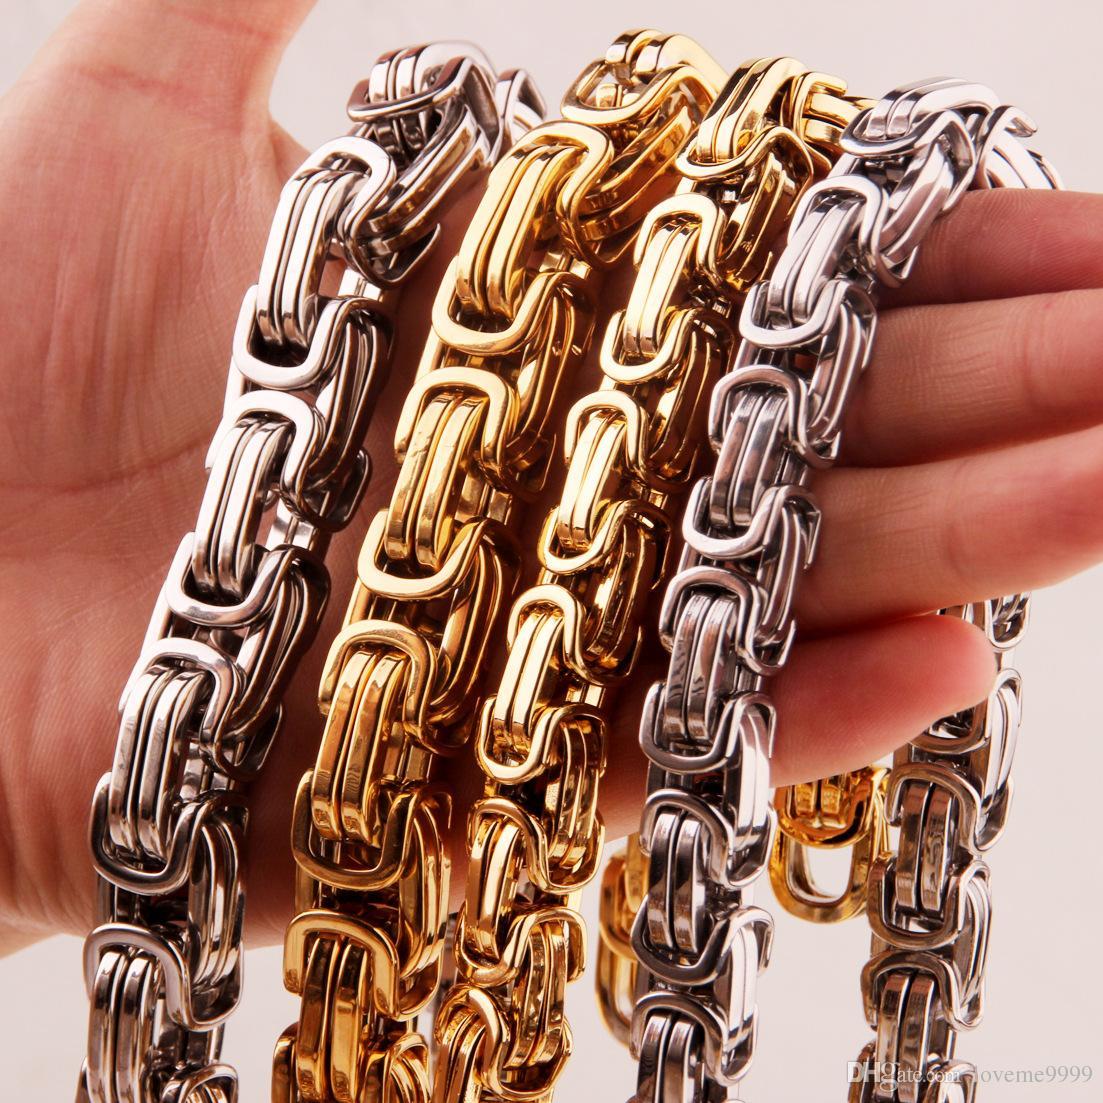 Высокое качество хип-хоп мужская нержавеющая сталь 316L плоский византийский звено цепи ожерелье рэппер коренастый высокое качество мода мальчики ювелирные изделия